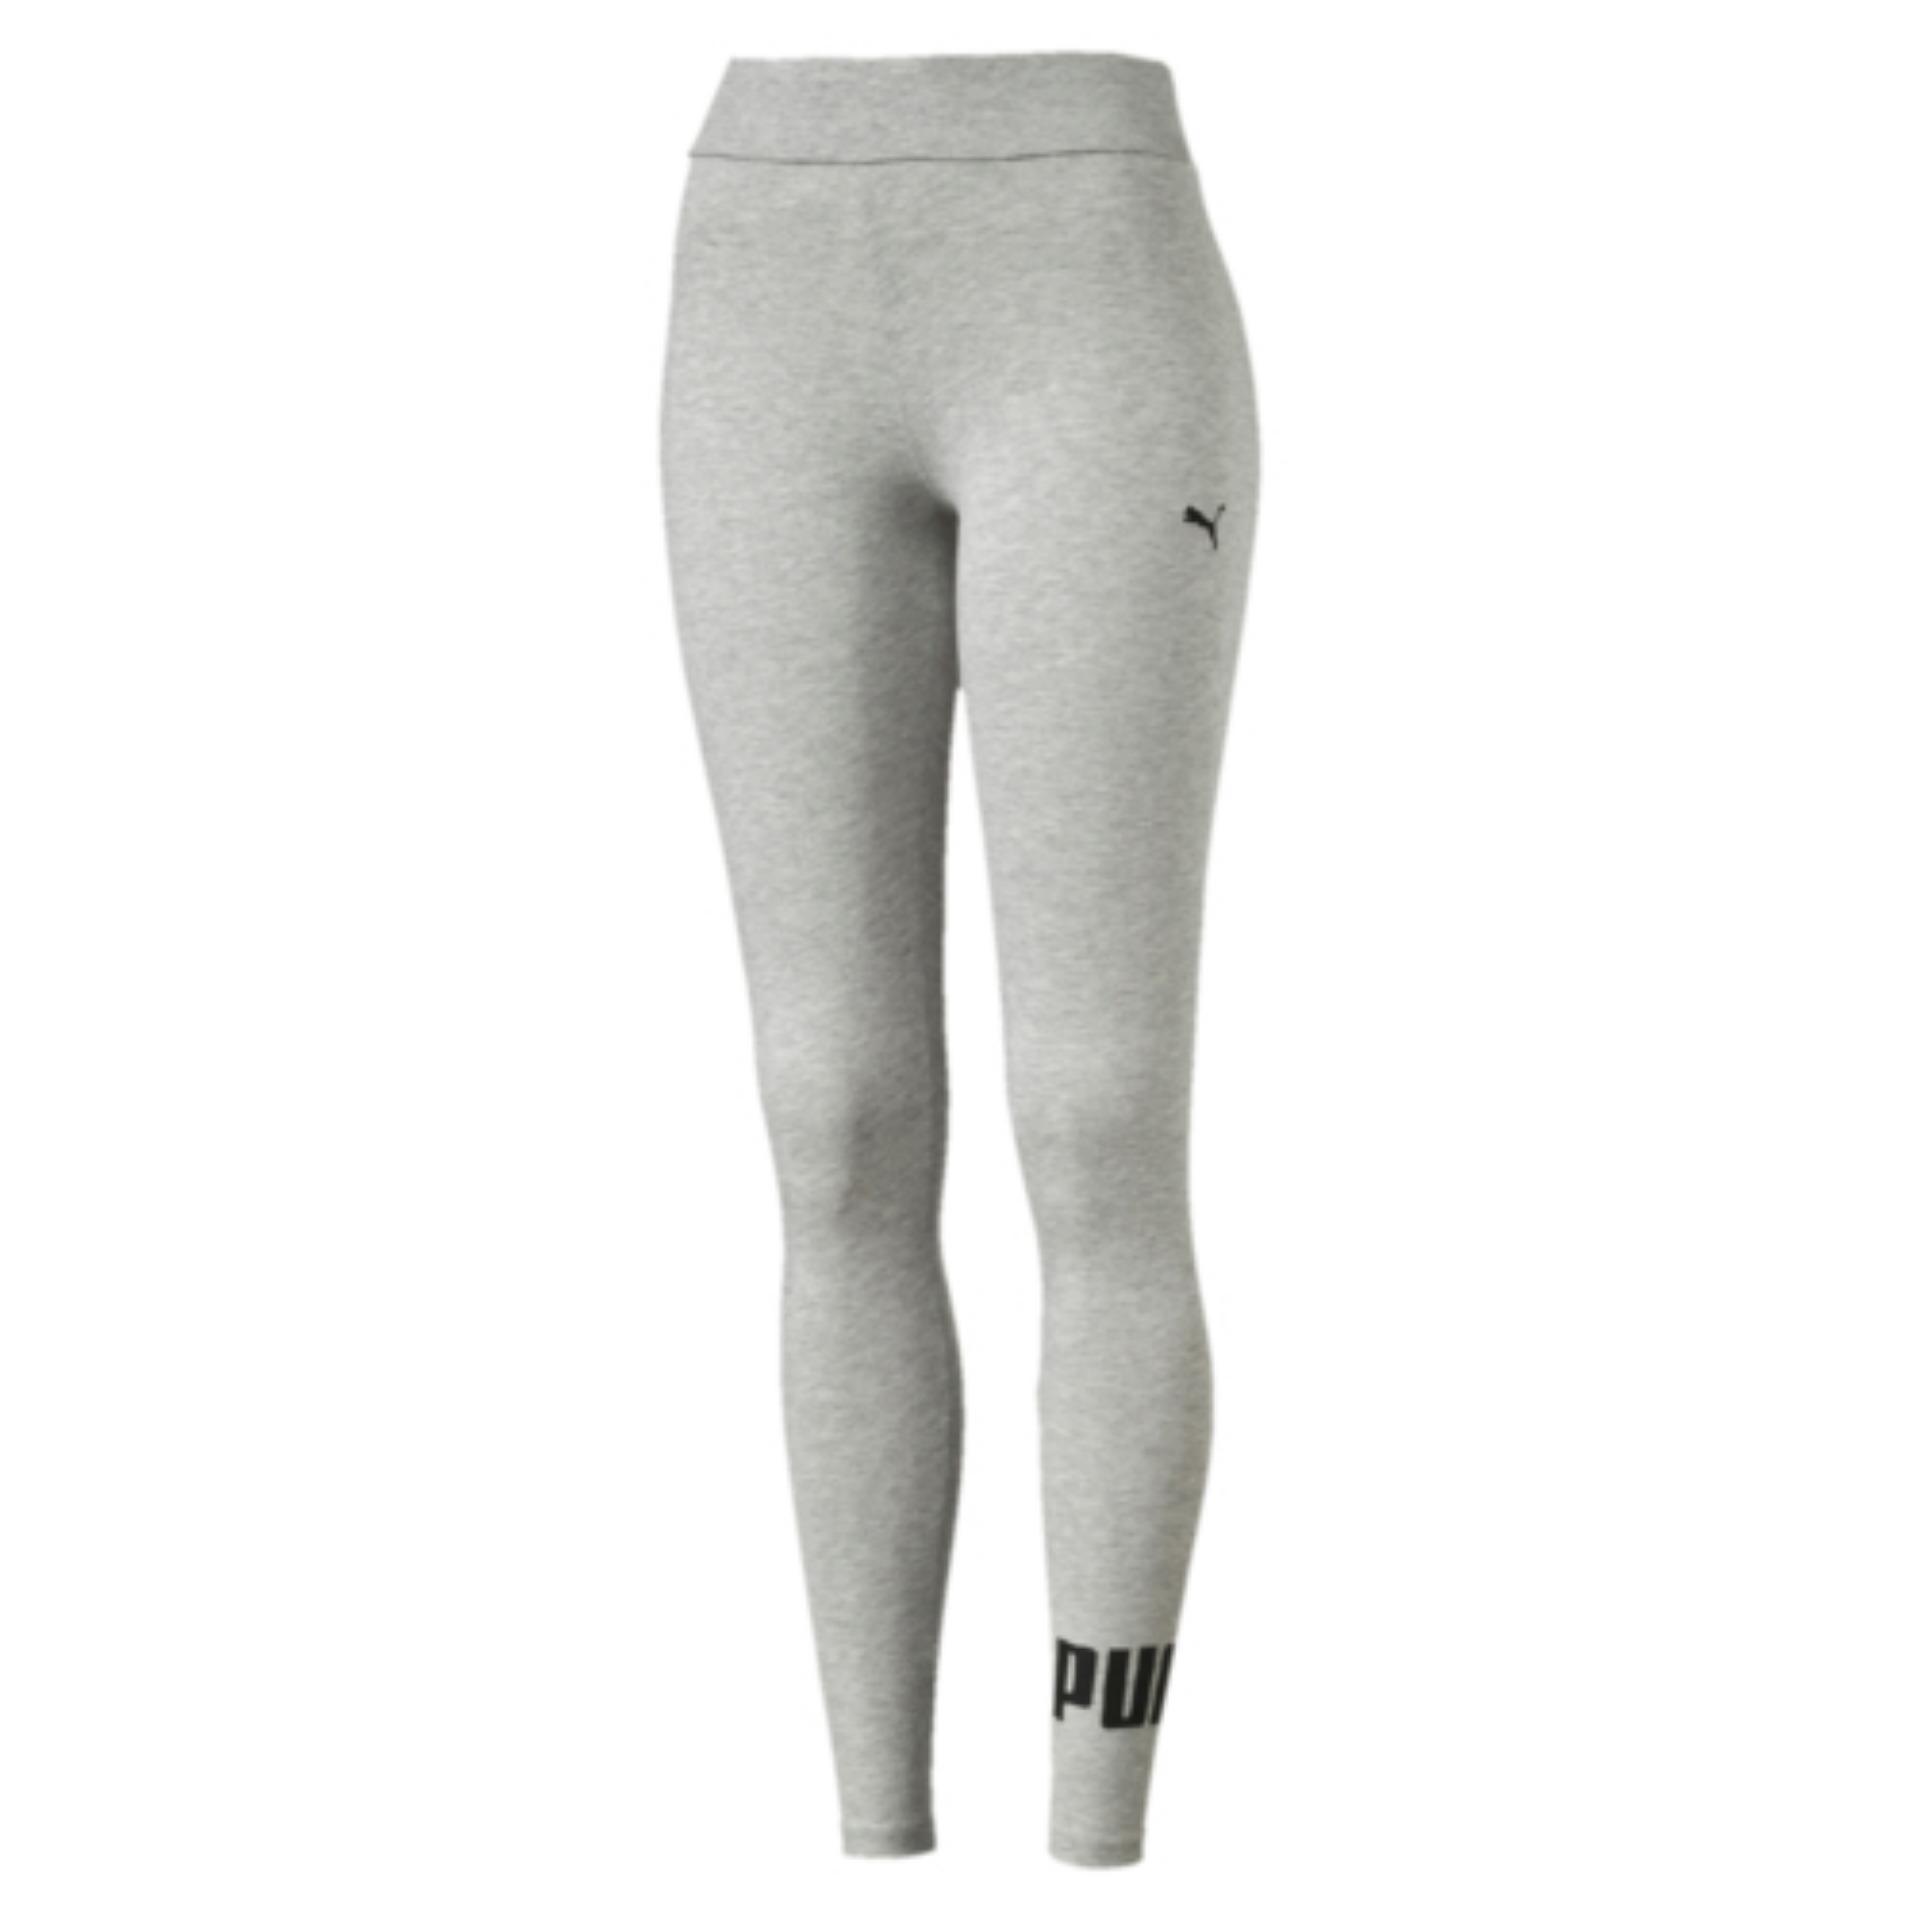 Where Can I Buy Puma Ess No 1 Leggings Light Gray Heather